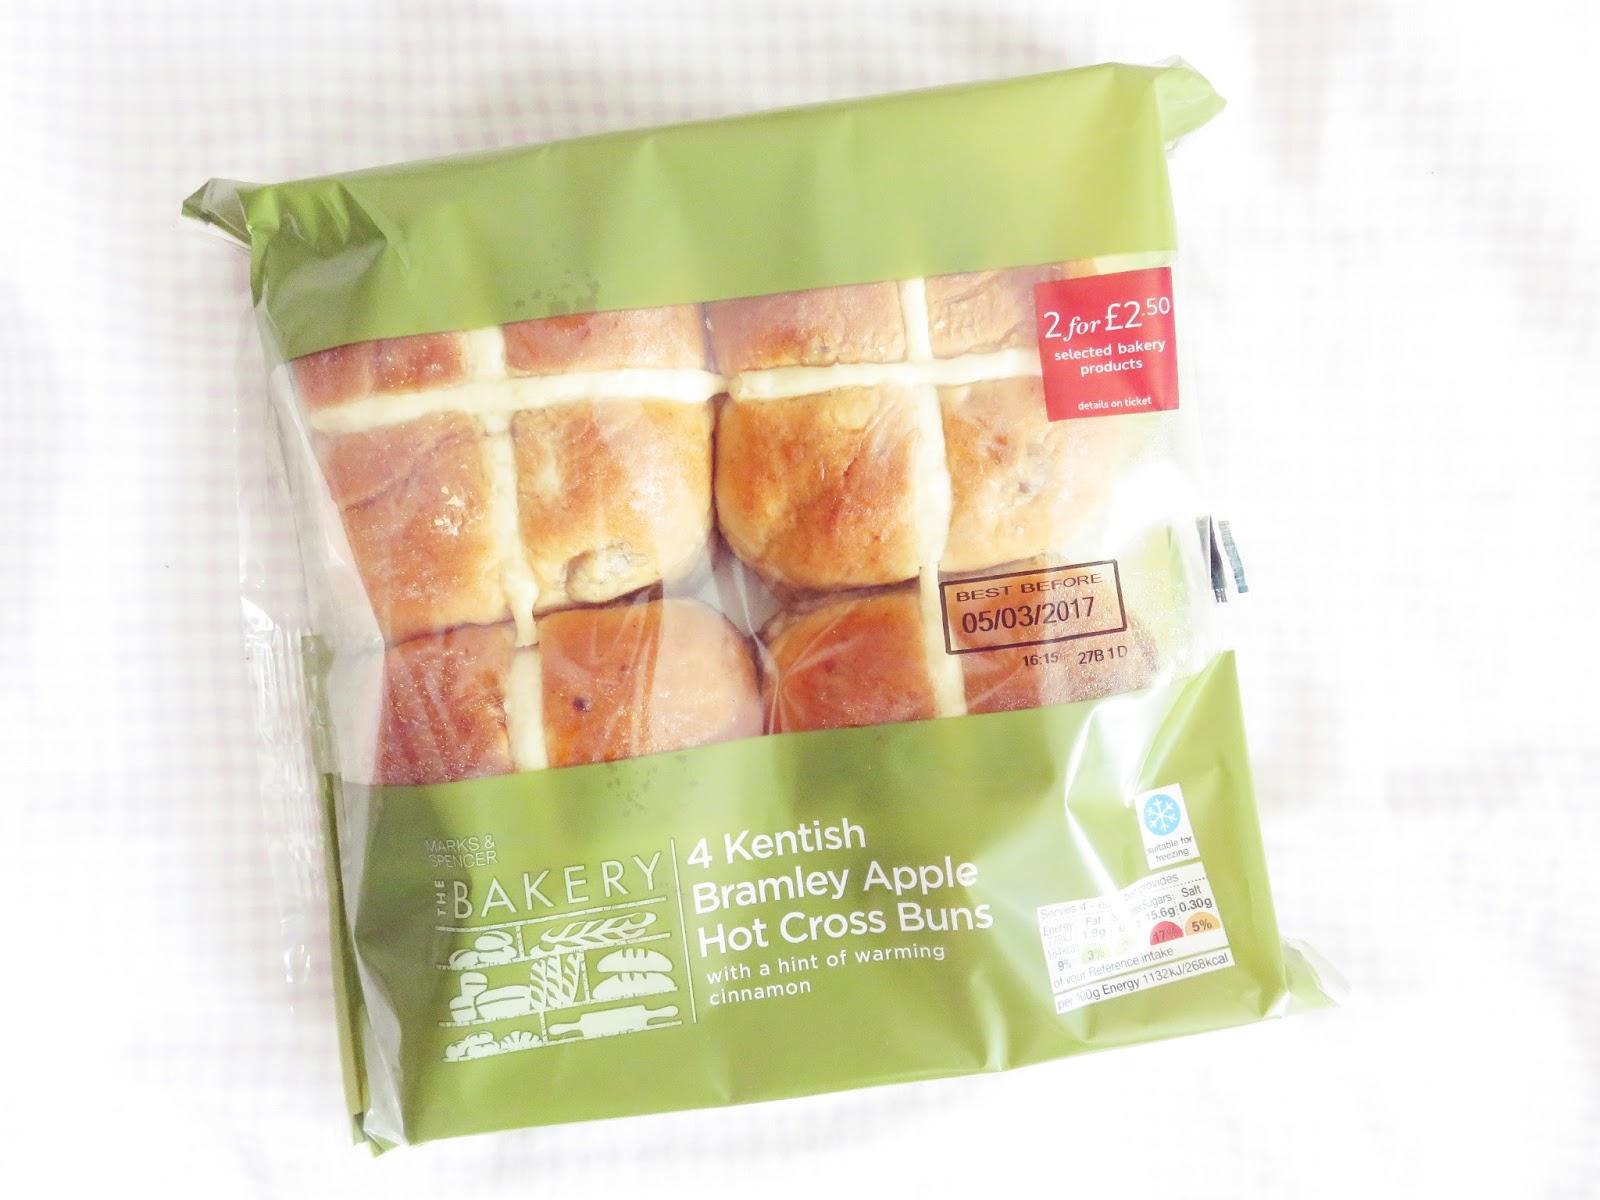 m&s apple hot cross buns taste like deception